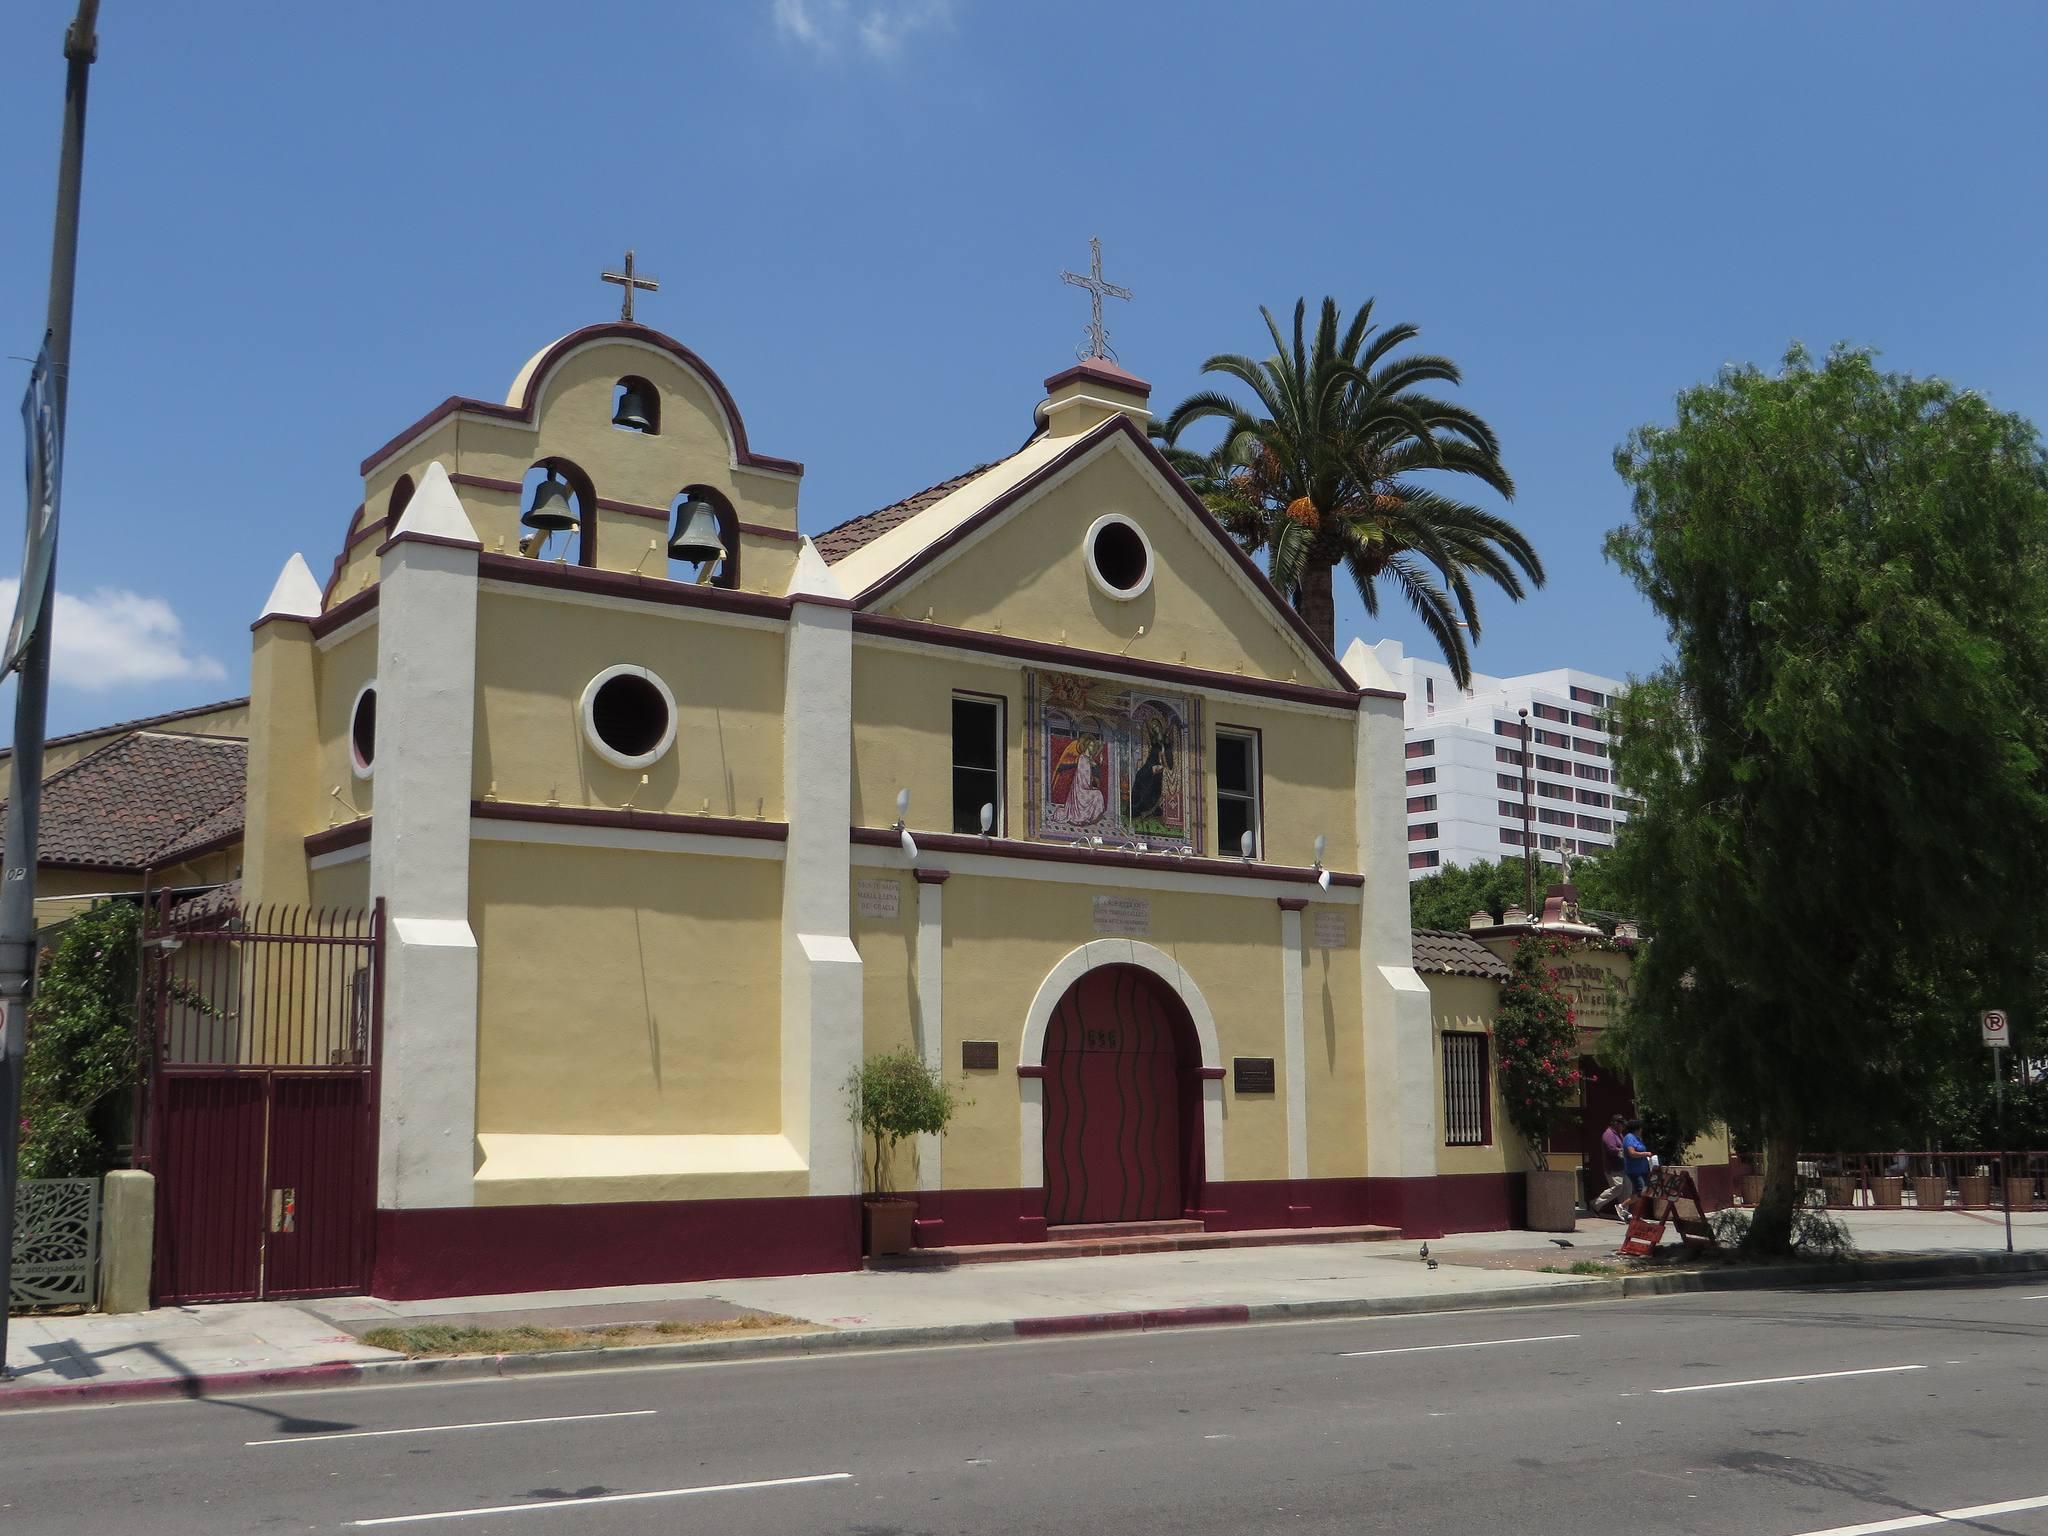 La Placita Church in Downtown LA